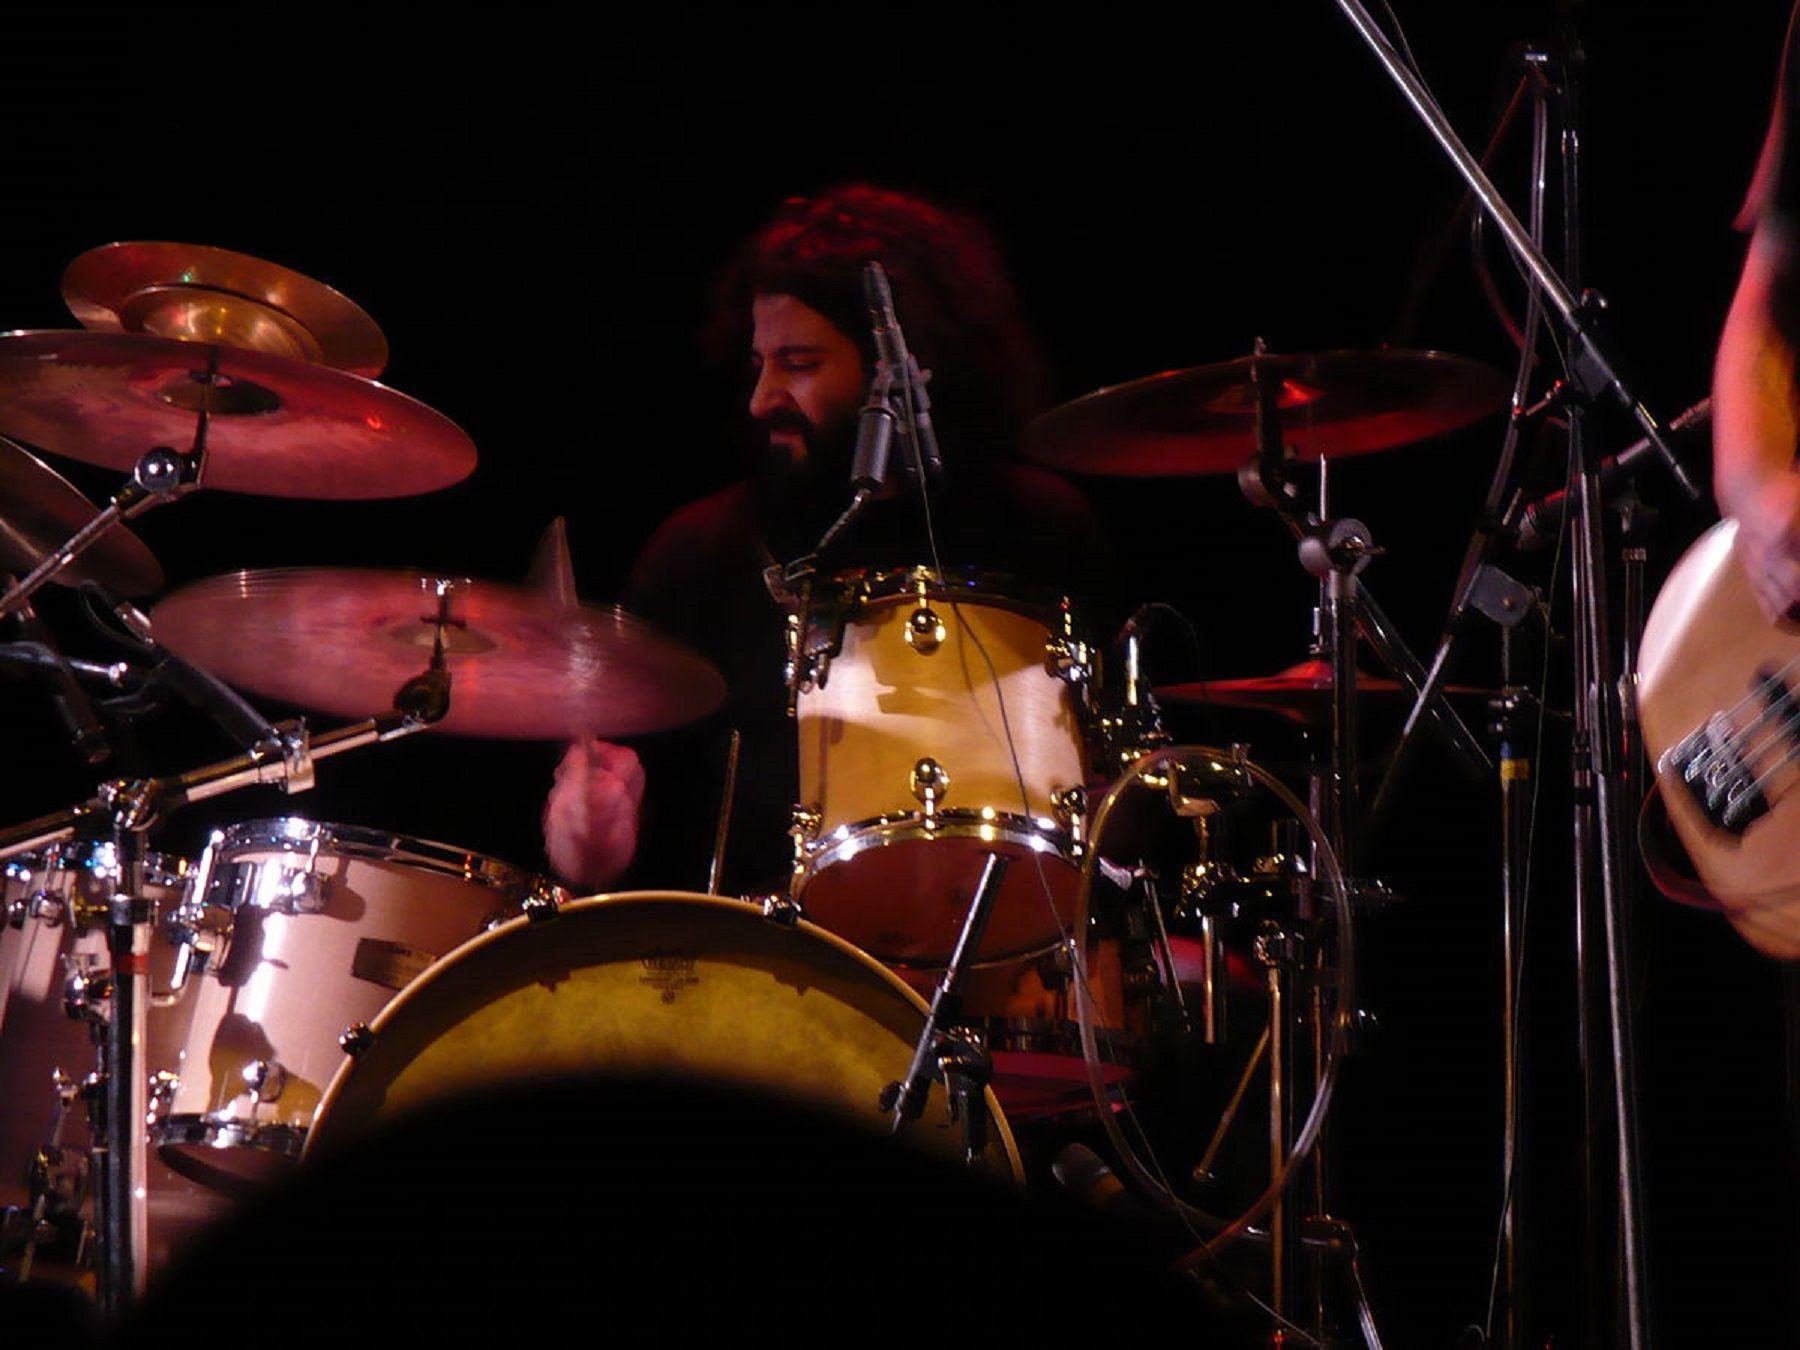 Denuncian al baterista de Pez por acoso y abuso sexual